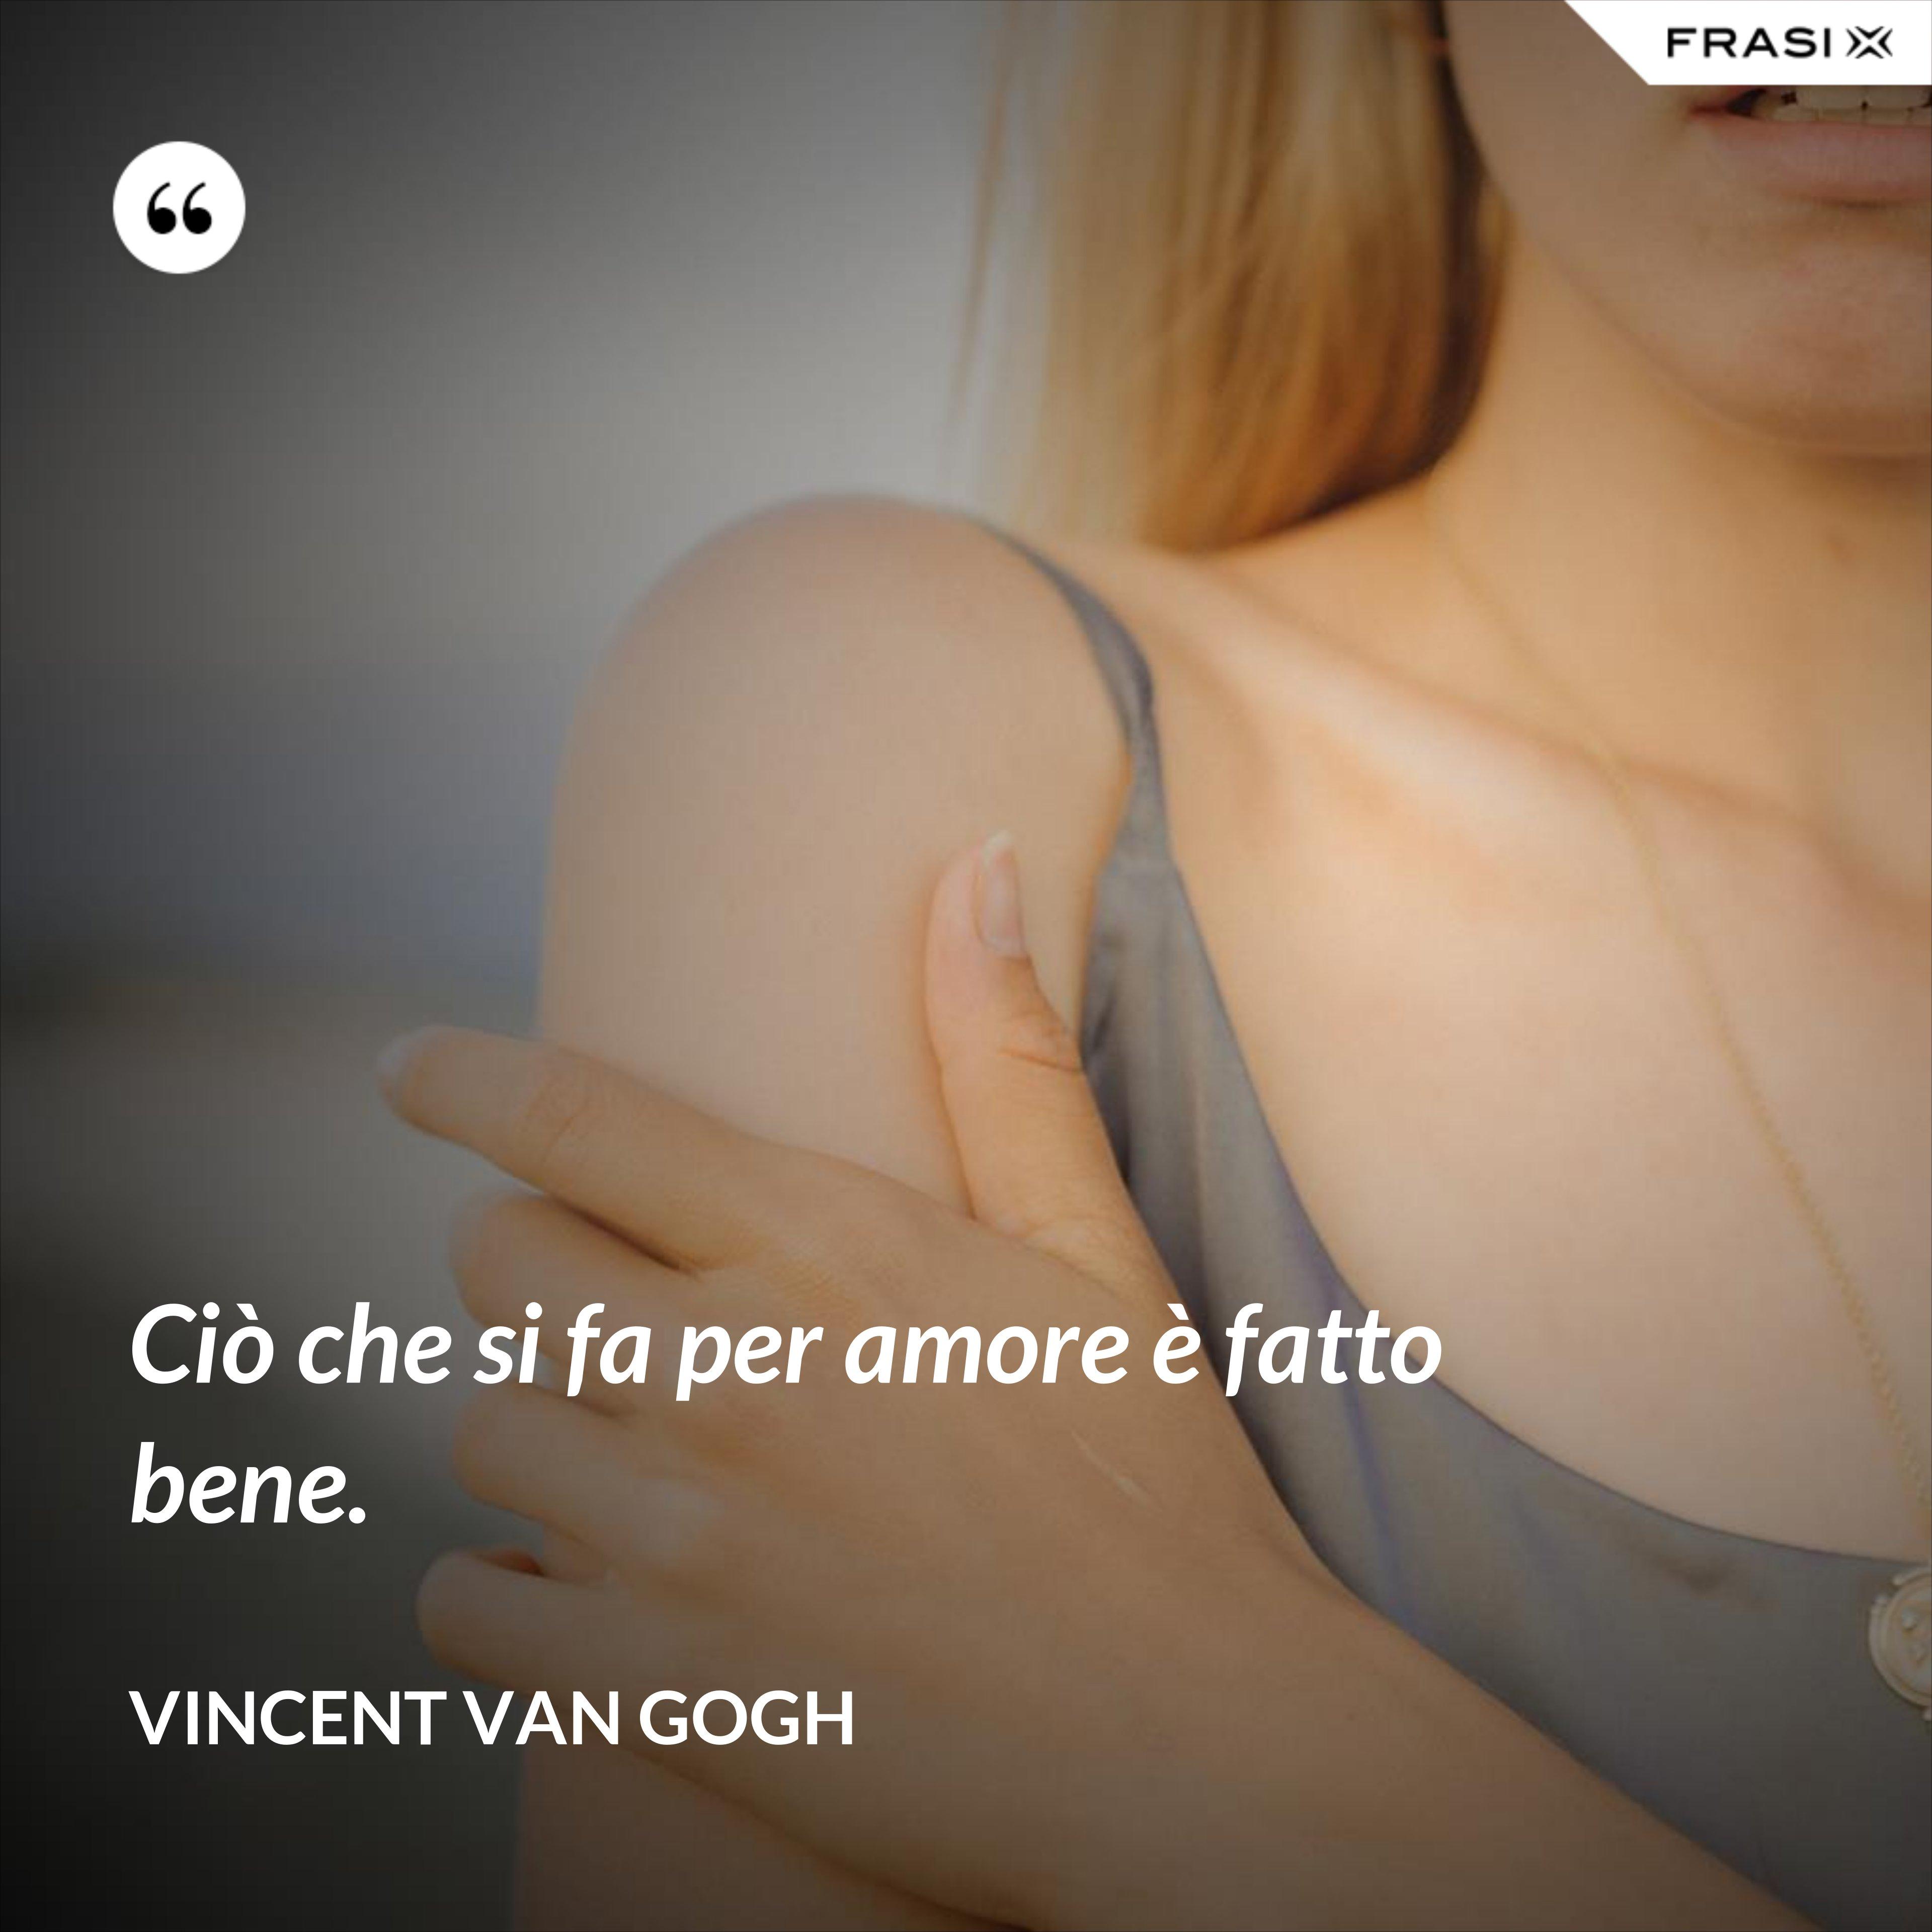 Ciò che si fa per amore è fatto bene. - Vincent Van Gogh